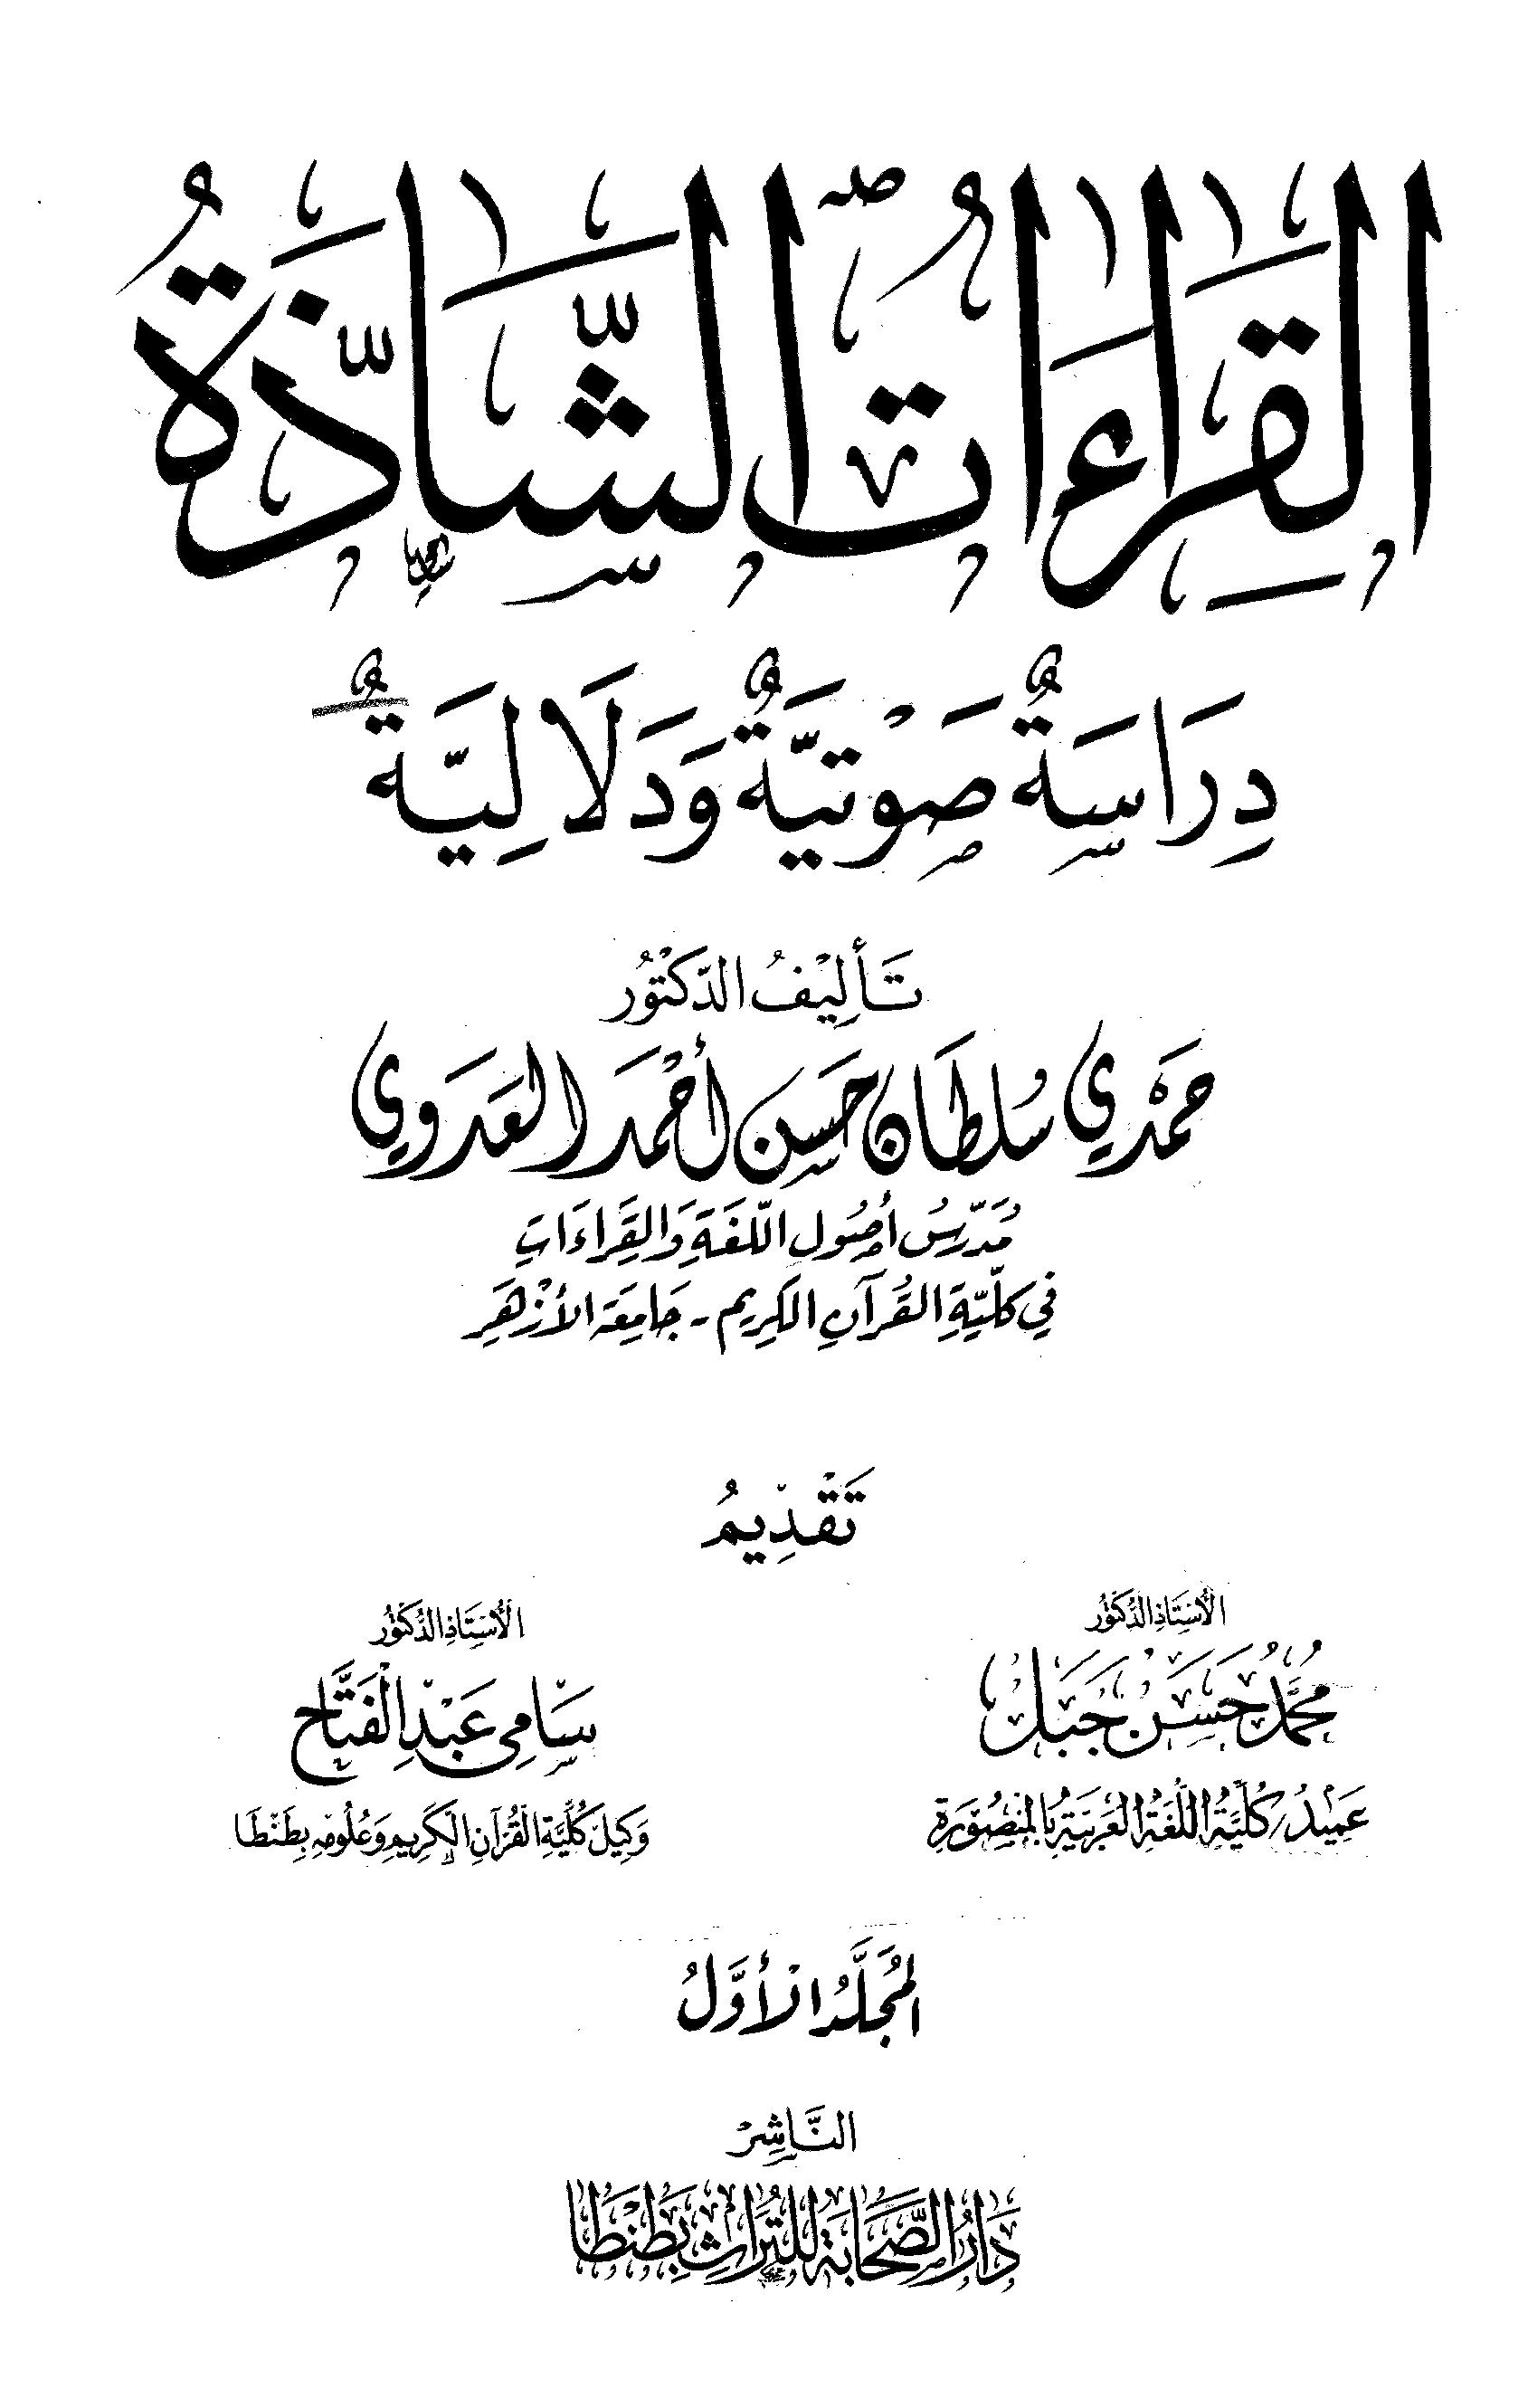 تحميل كتاب القراءات الشاذة: دراسة صوتية ودلالية لـِ: الدكتور حمدي سلطان حسن أحمد العدوي